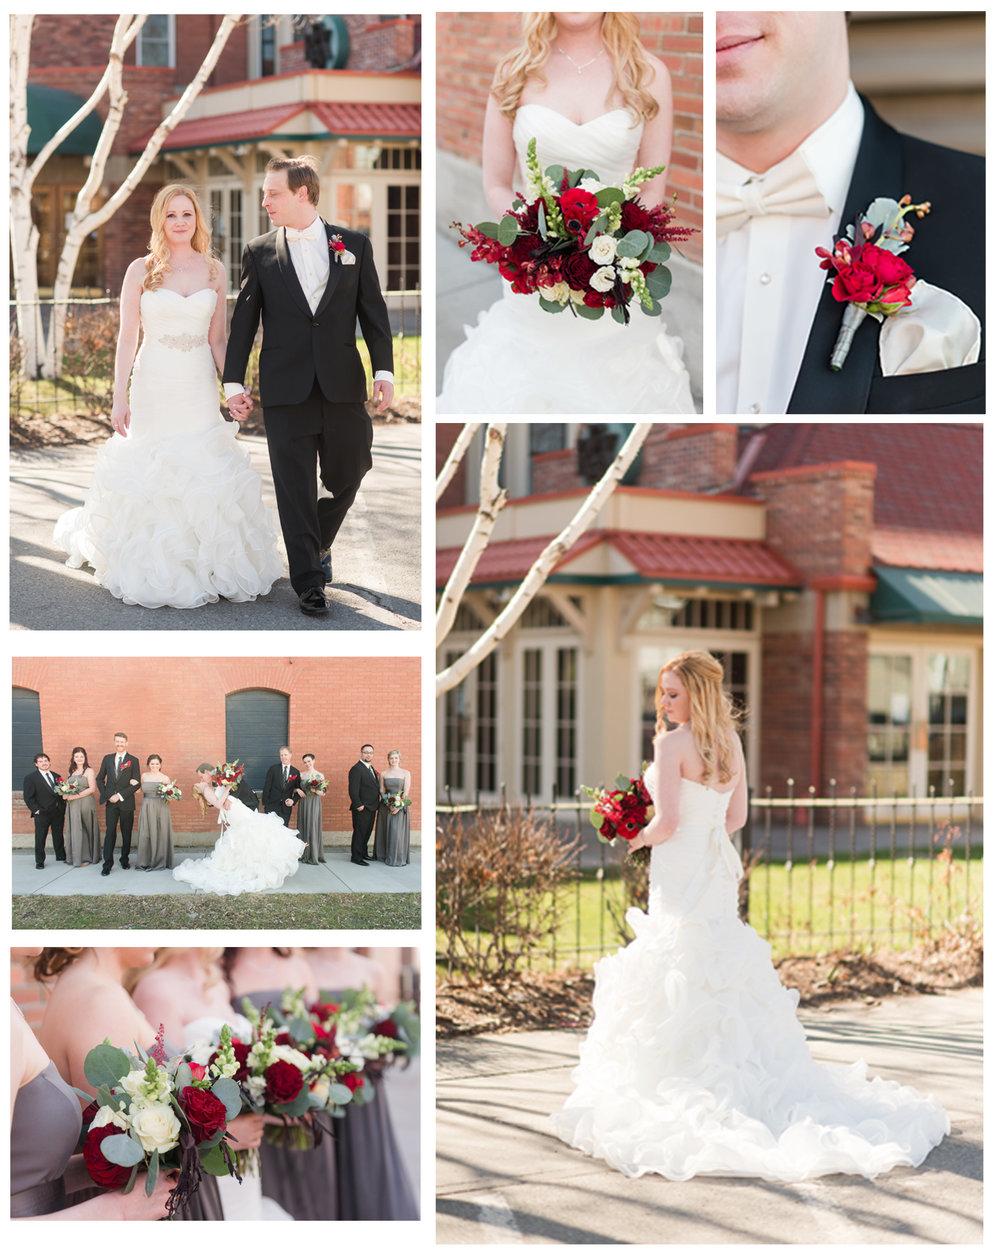 Meghan+Daniel-wedding romance.jpg